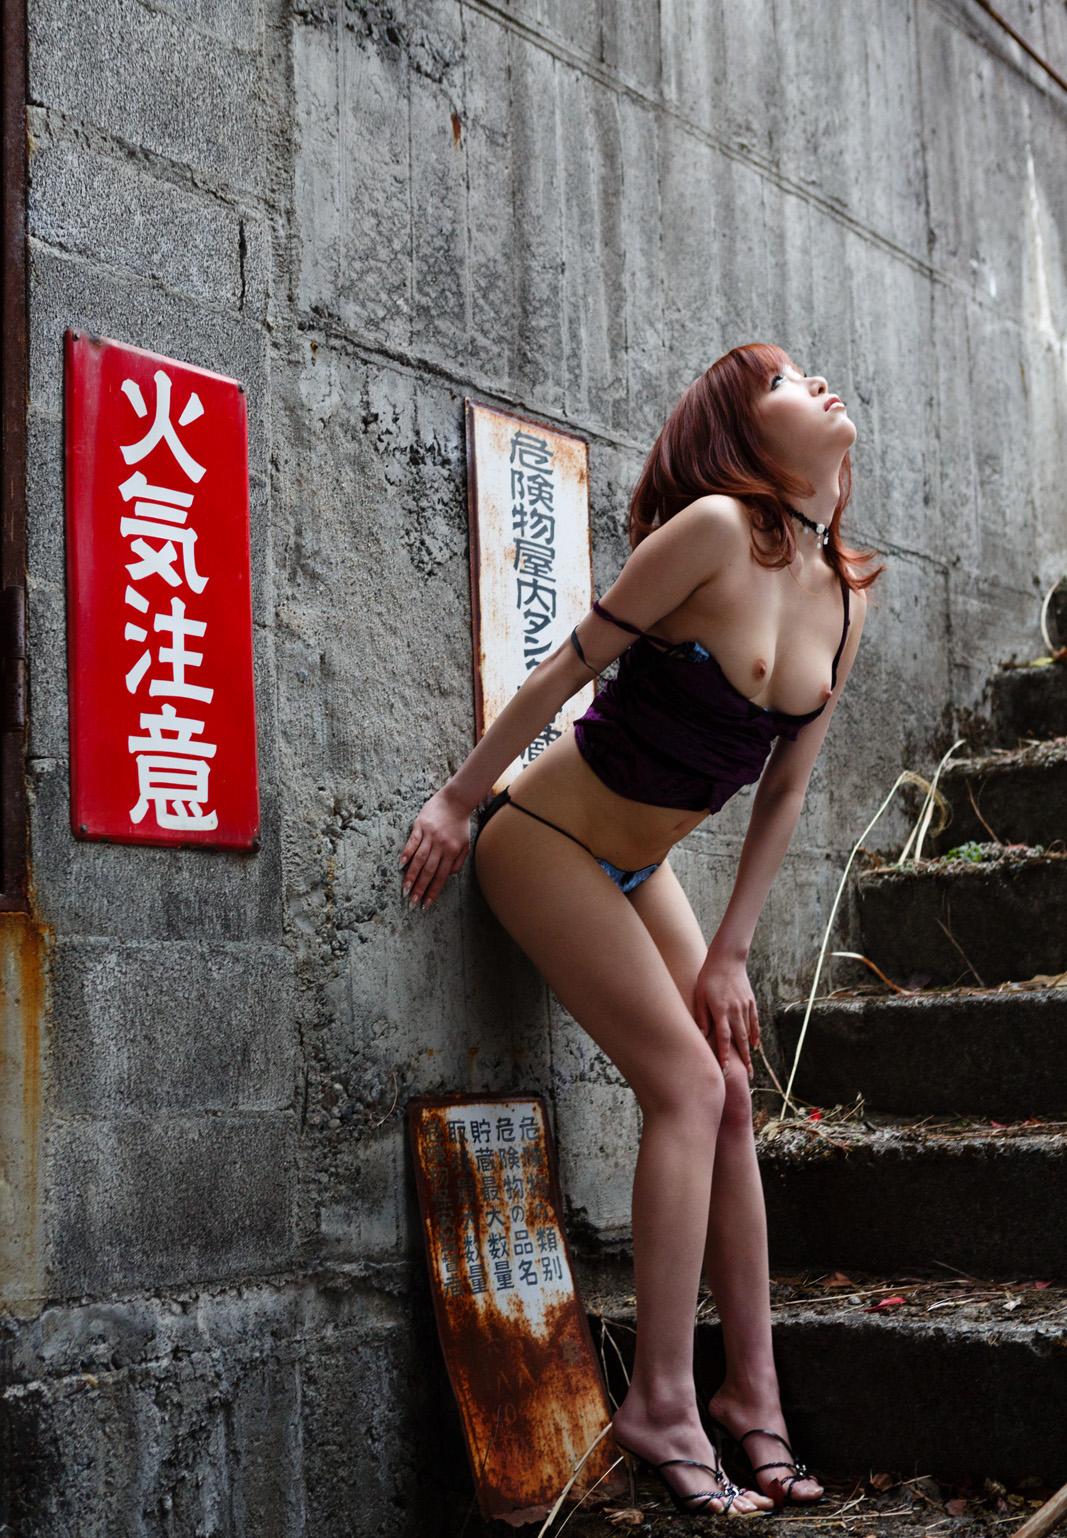 AV女優 MIYABI 画像 86